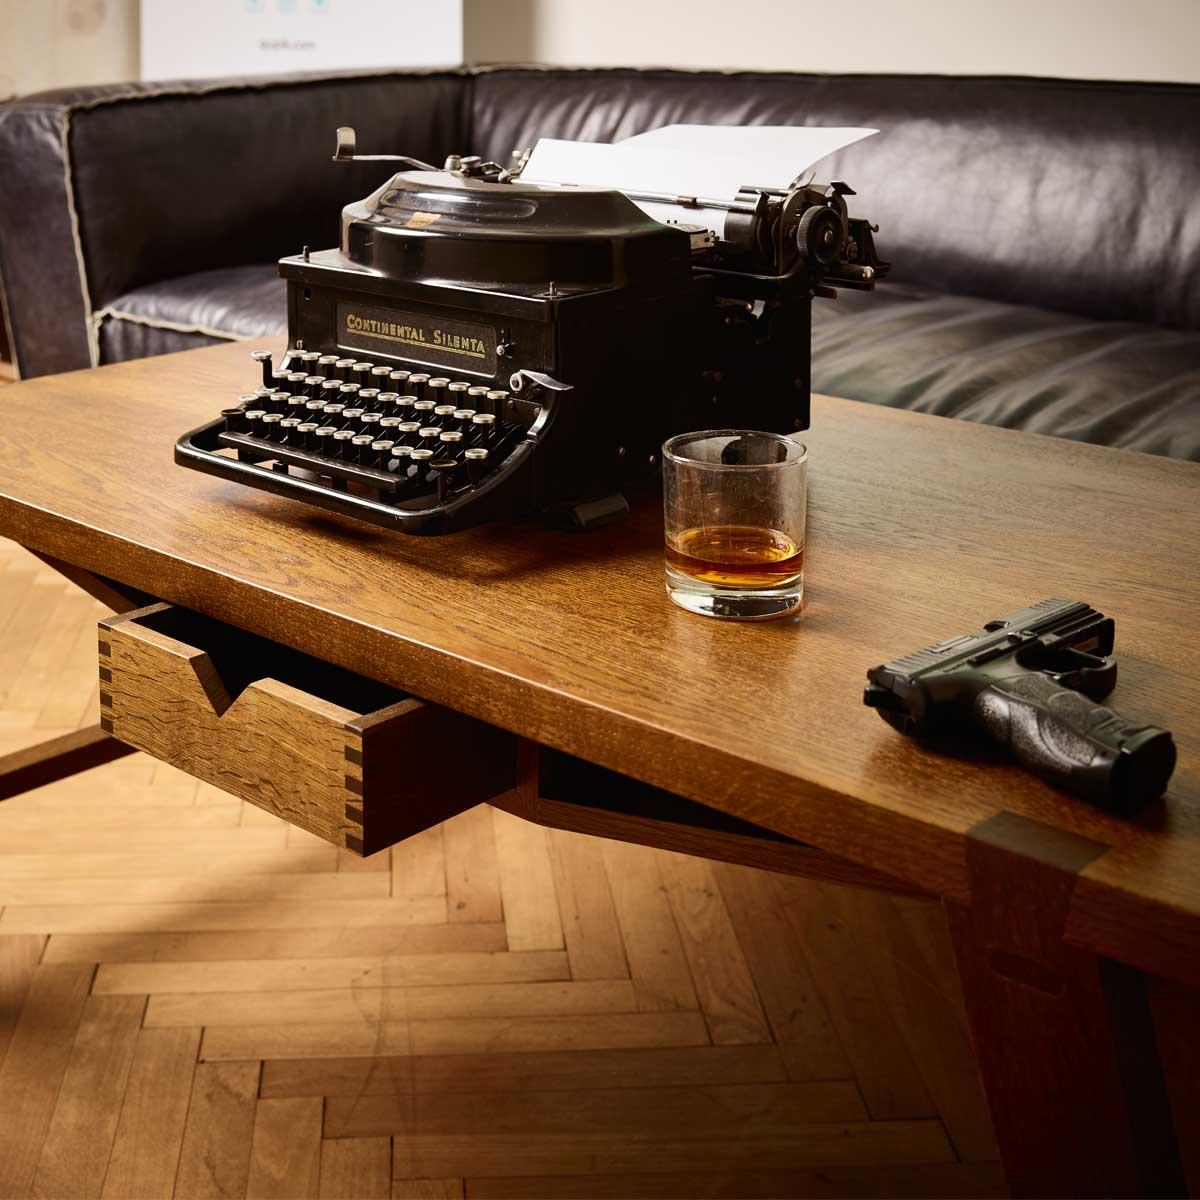 Couchtisch in Eiche massiv geräuchert mit alter Schreibmaschine Whiskey und Pistole